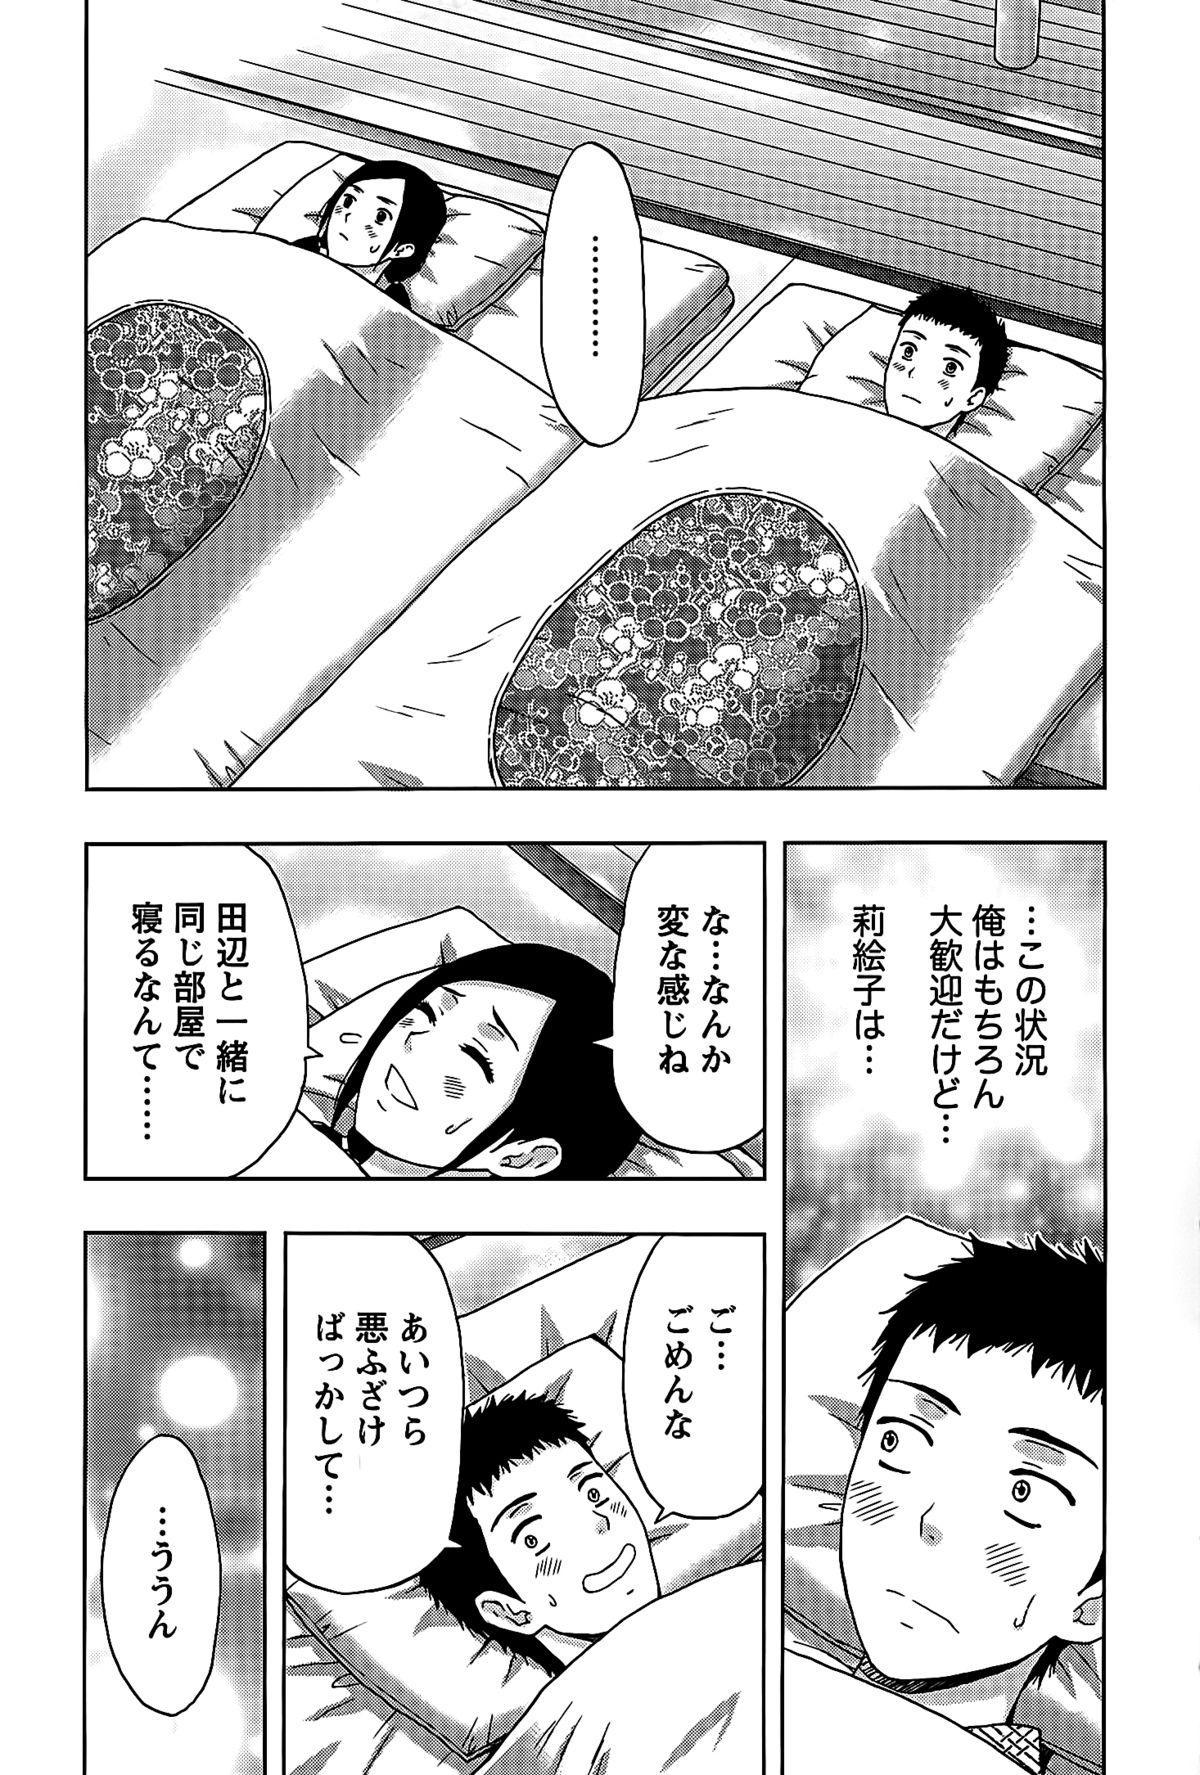 Shittori Lady to Amai Mitsu 157